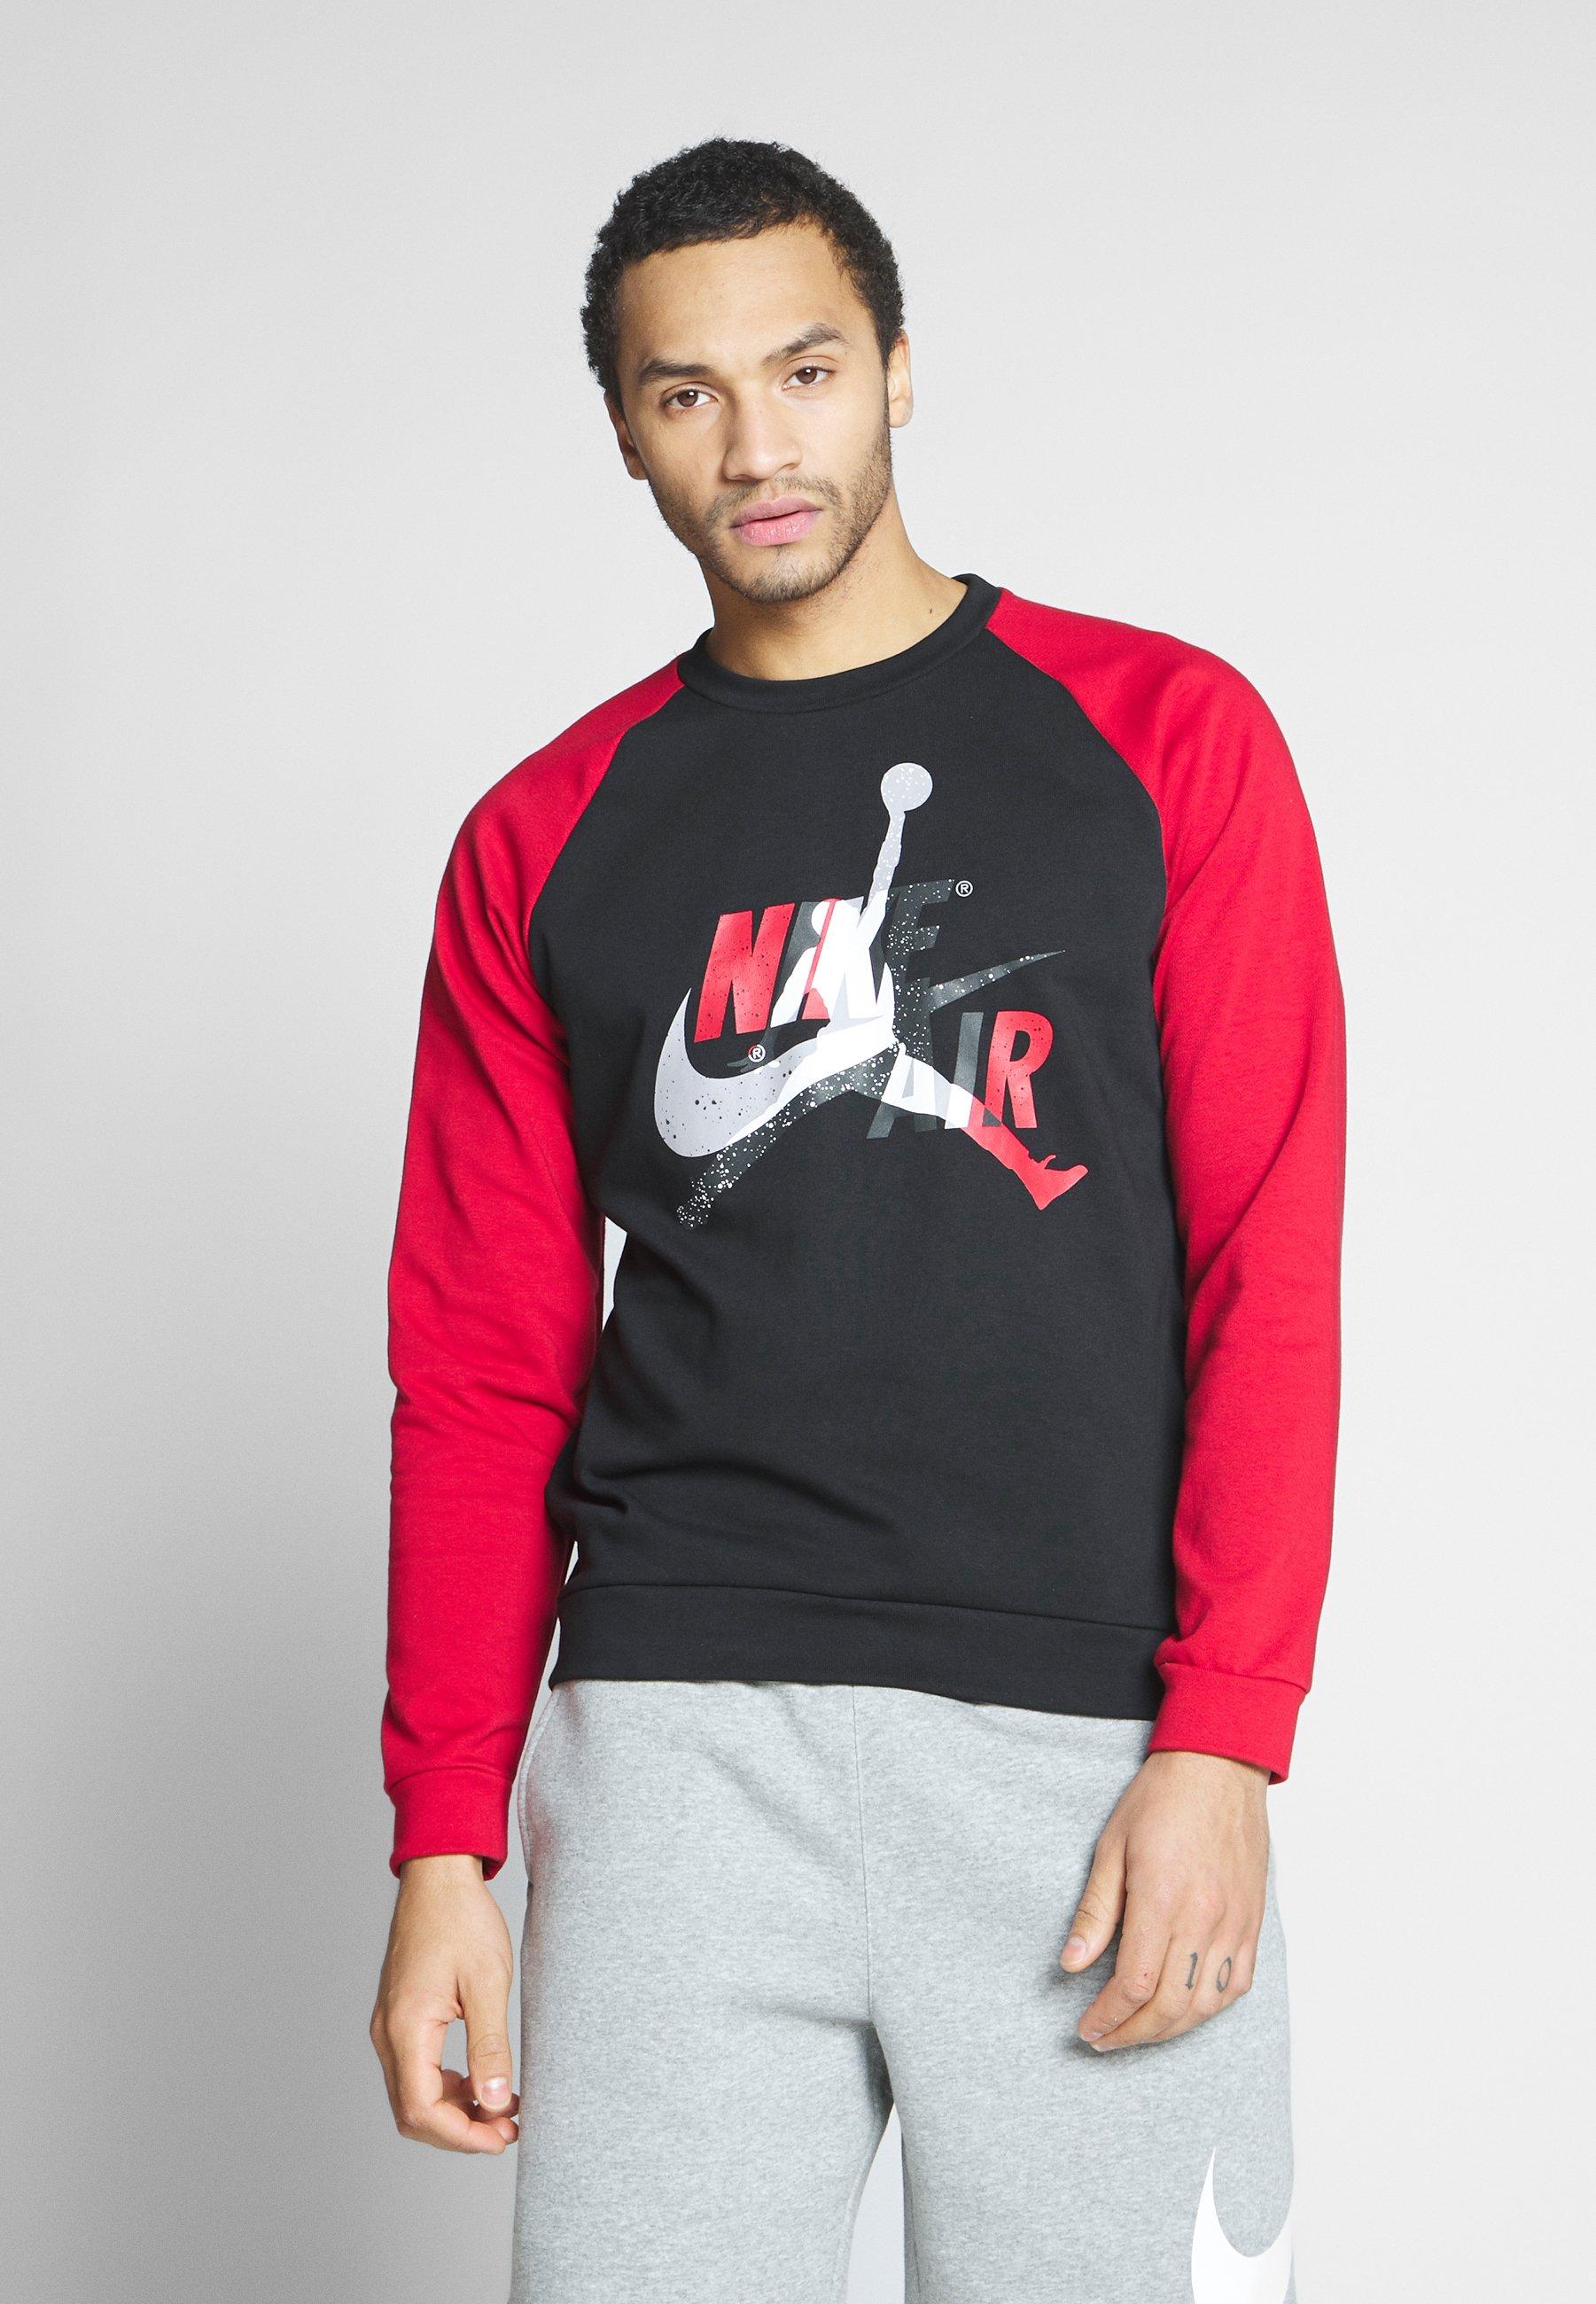 Korkealaatuinen Halpa Miesten vaatteet Sarja dfKJIUp97454sfGHYHD Jordan JUMPMAN CREW Collegepaita black/gym red